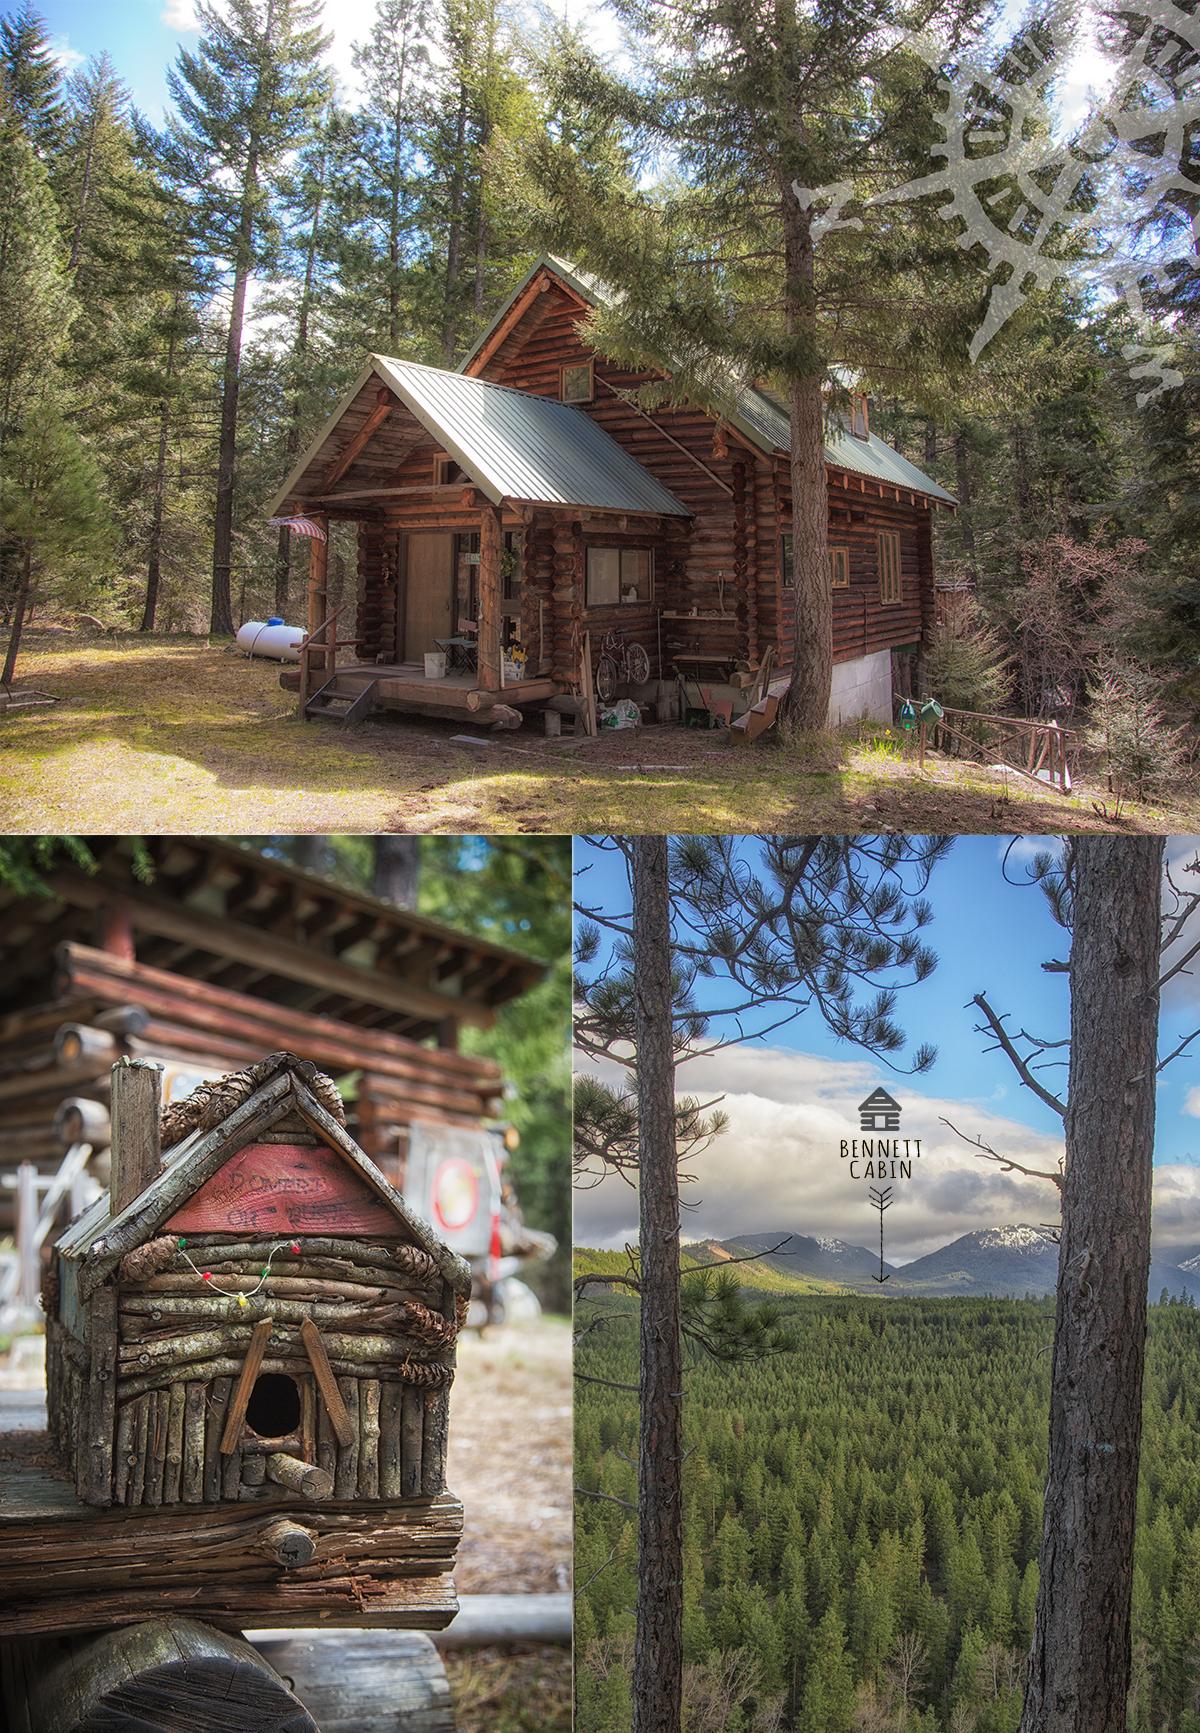 Bennett Cabin in Eastern Washington